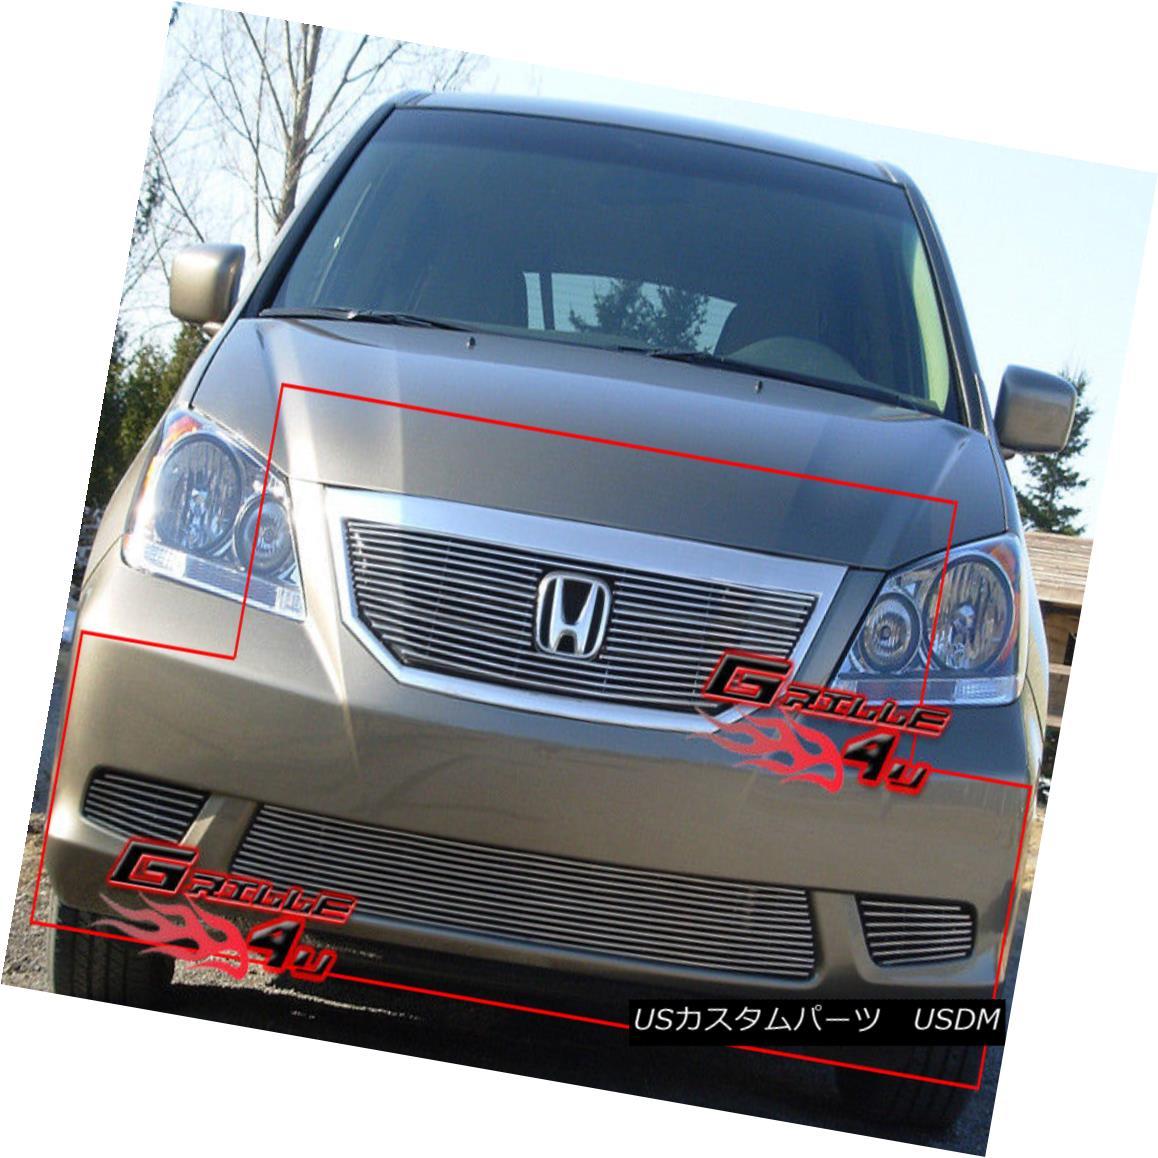 グリル For 08-10 Honda Odyssey Billet Grille Combo Insert 08-10ホンダオデッセイビレットグリルコンボインサート